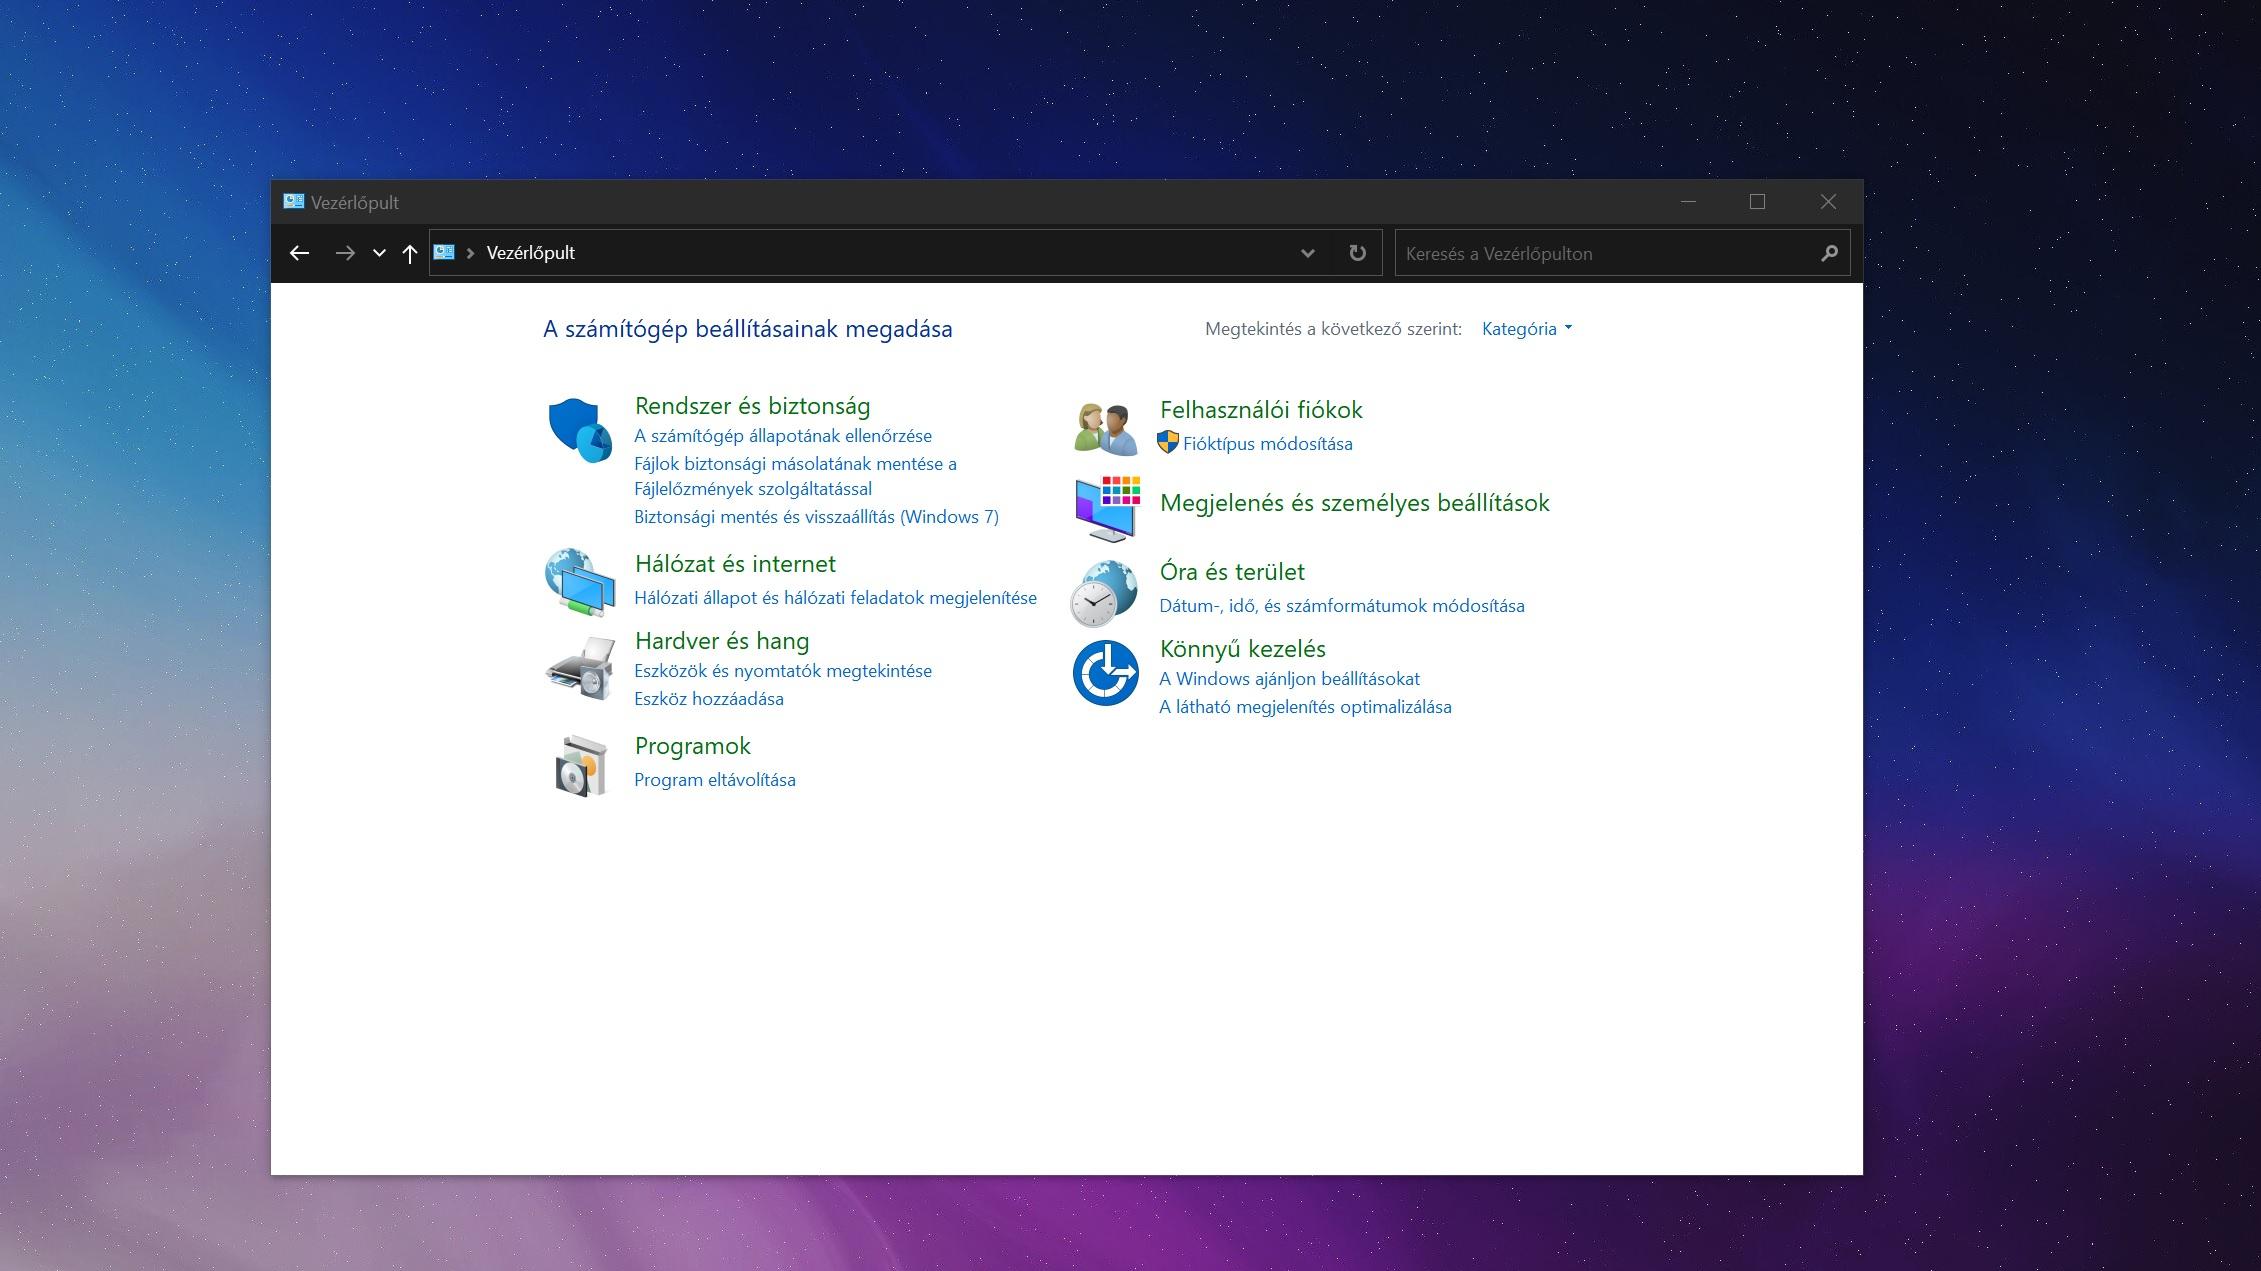 A Windows 10 átirányít az új felületre egyes vezérlőpult elemeket